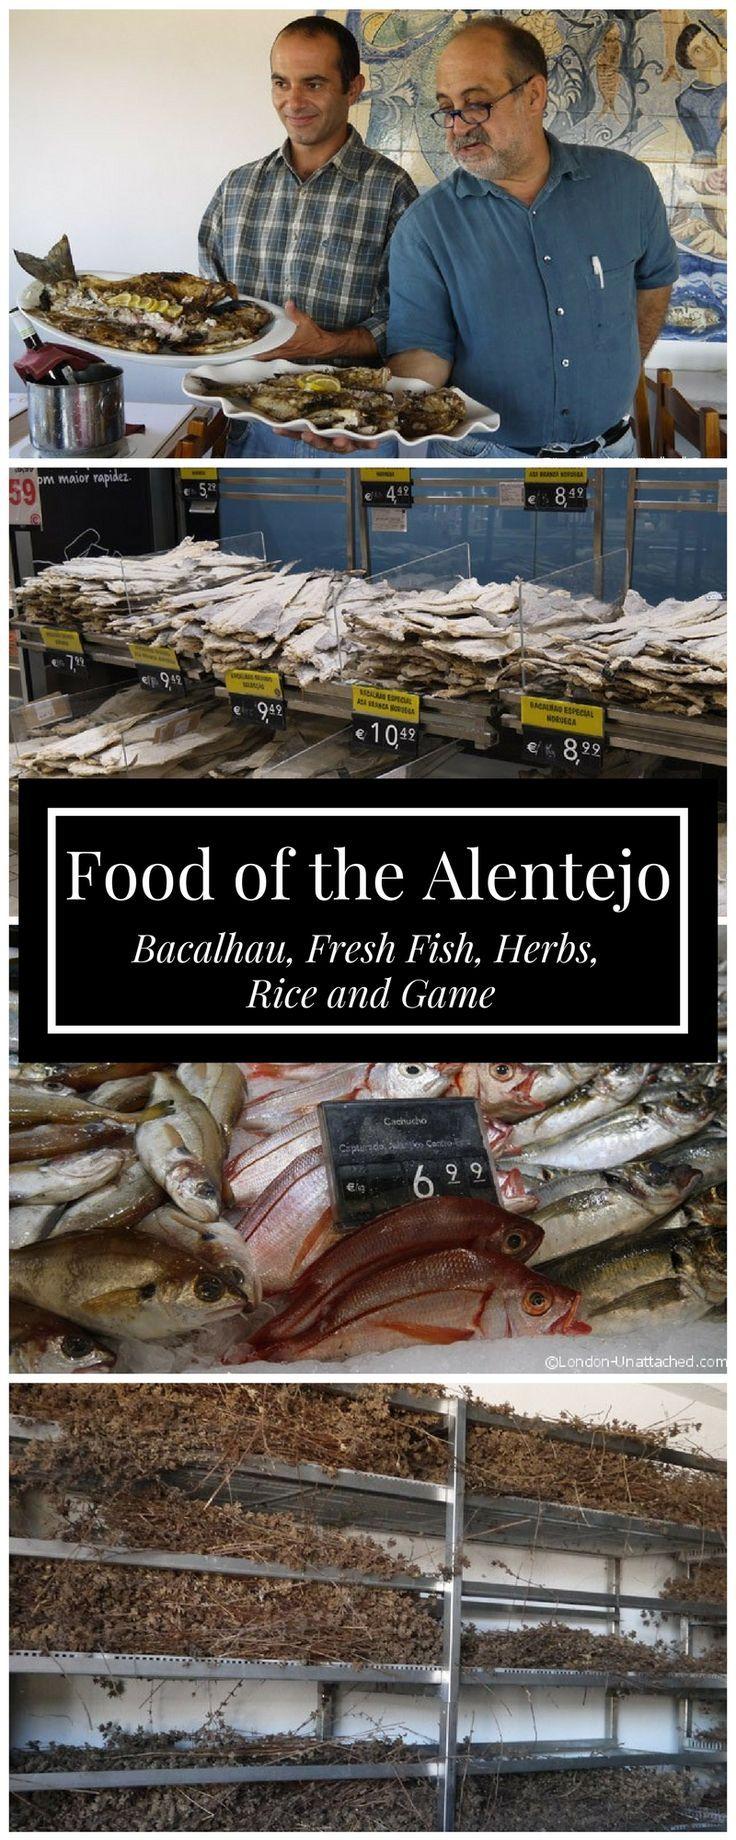 Food of the Alentejo - Bacalhau, Fresh Fish, Pennyroyal and Game   Alentejo Coast   Alentejo Seafood   Alentejo Bacalhau   Portugal Food   Portugal Seafood